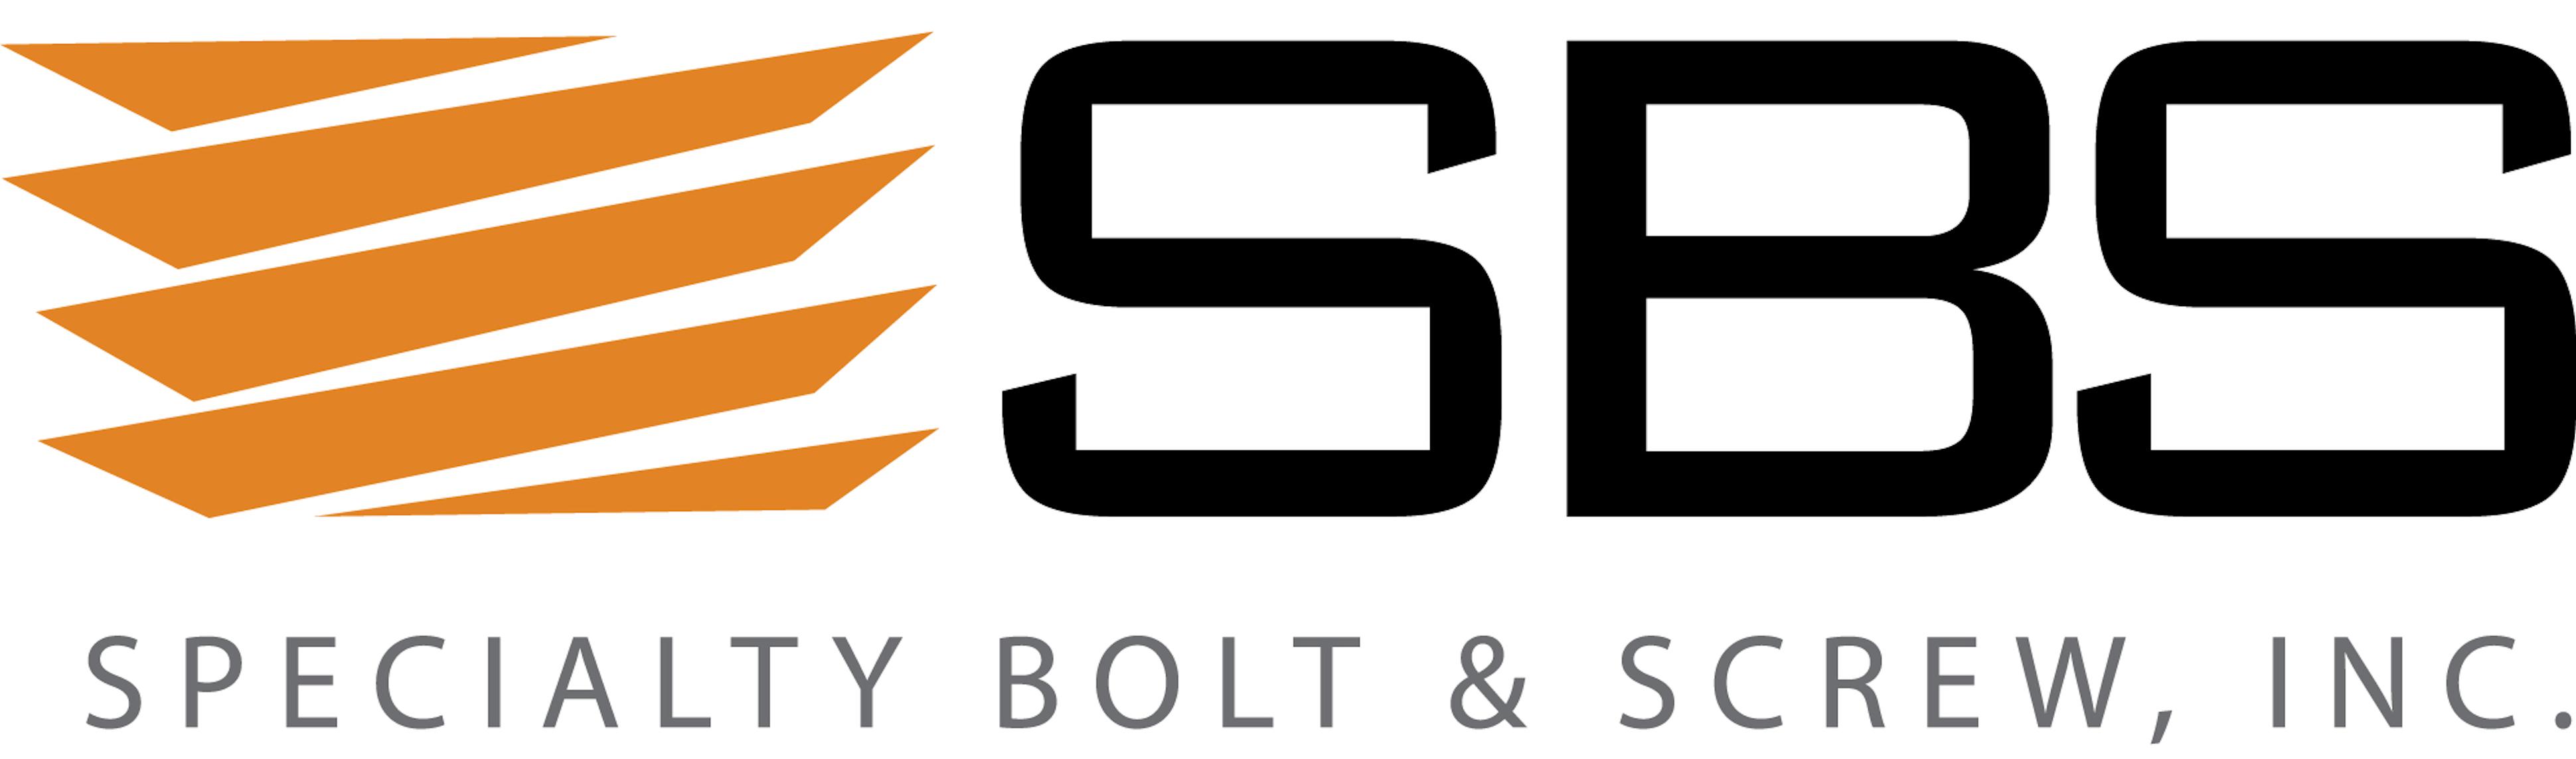 specialty bolt